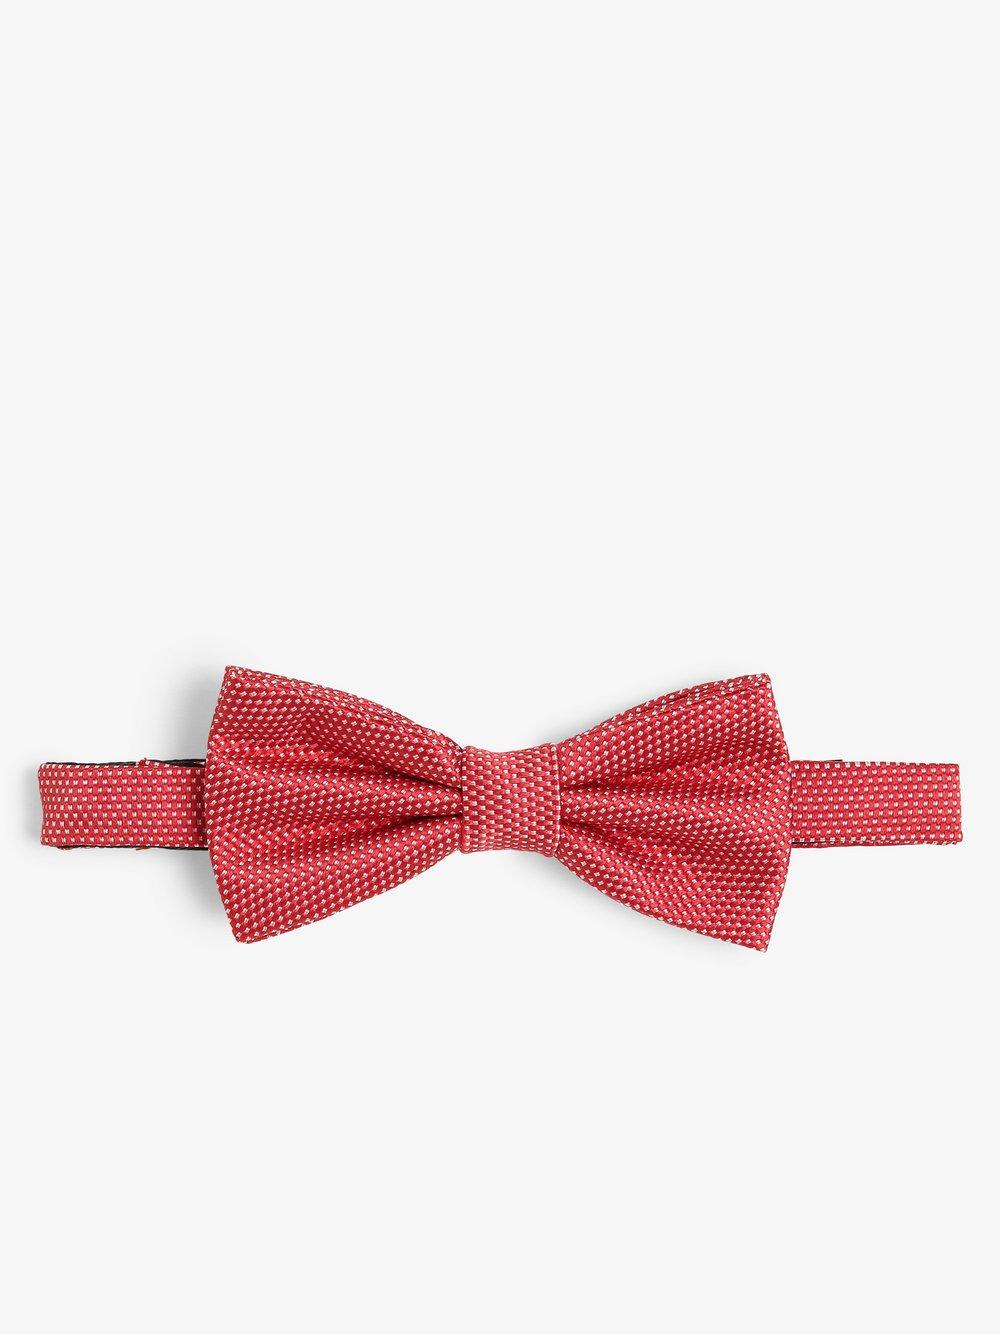 Finshley & Harding London – Muszka męska z jedwabiu, czerwony Van Graaf 469701-0001-00000